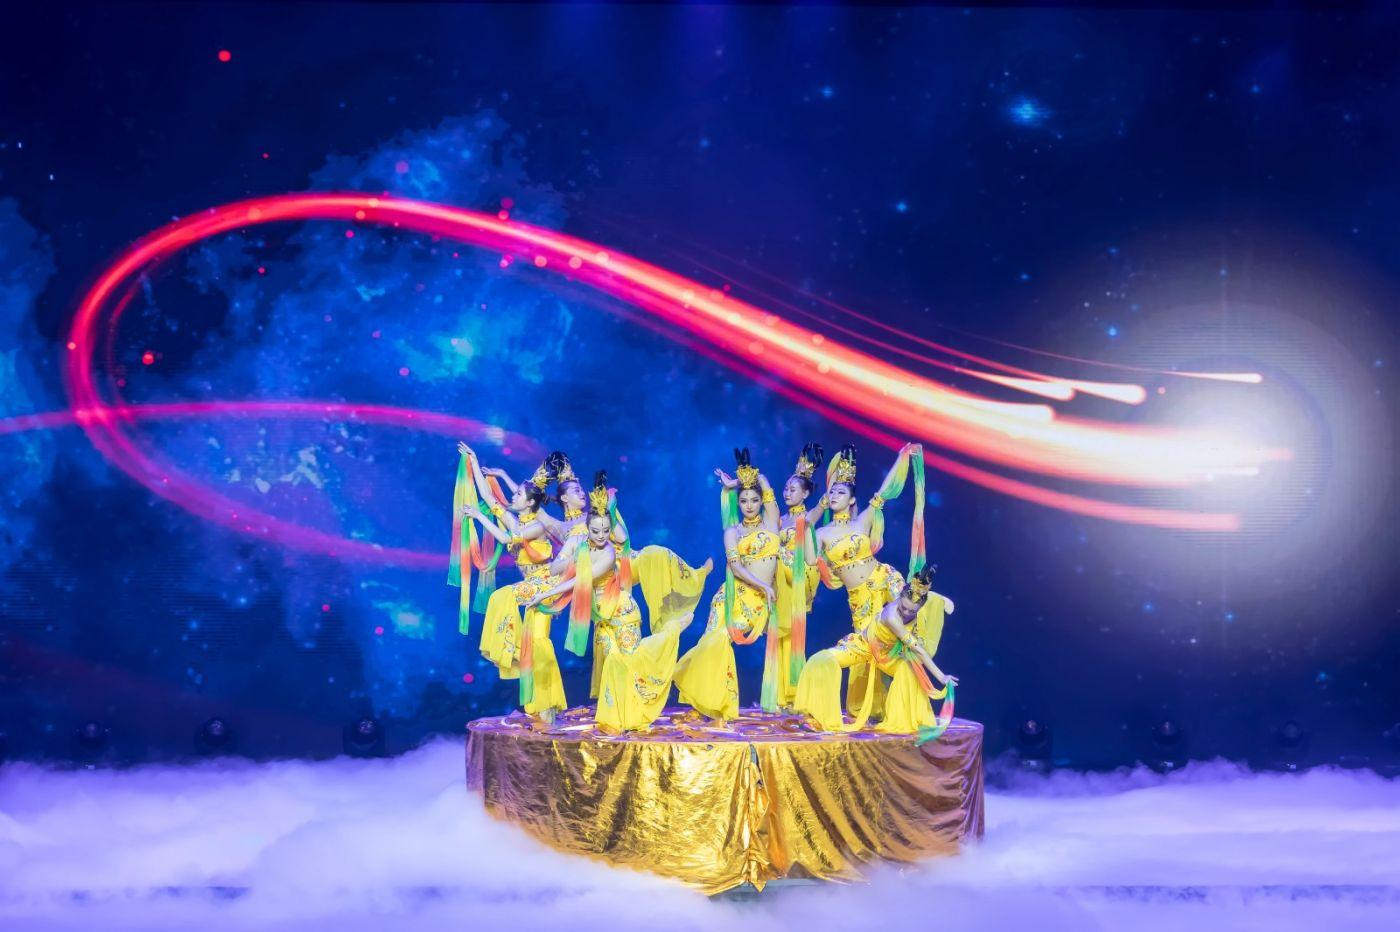 沂蒙大地上 有一种舞蹈叫飞天 这是几位临沂女孩的杰作 美轮美奂 ..._图1-8